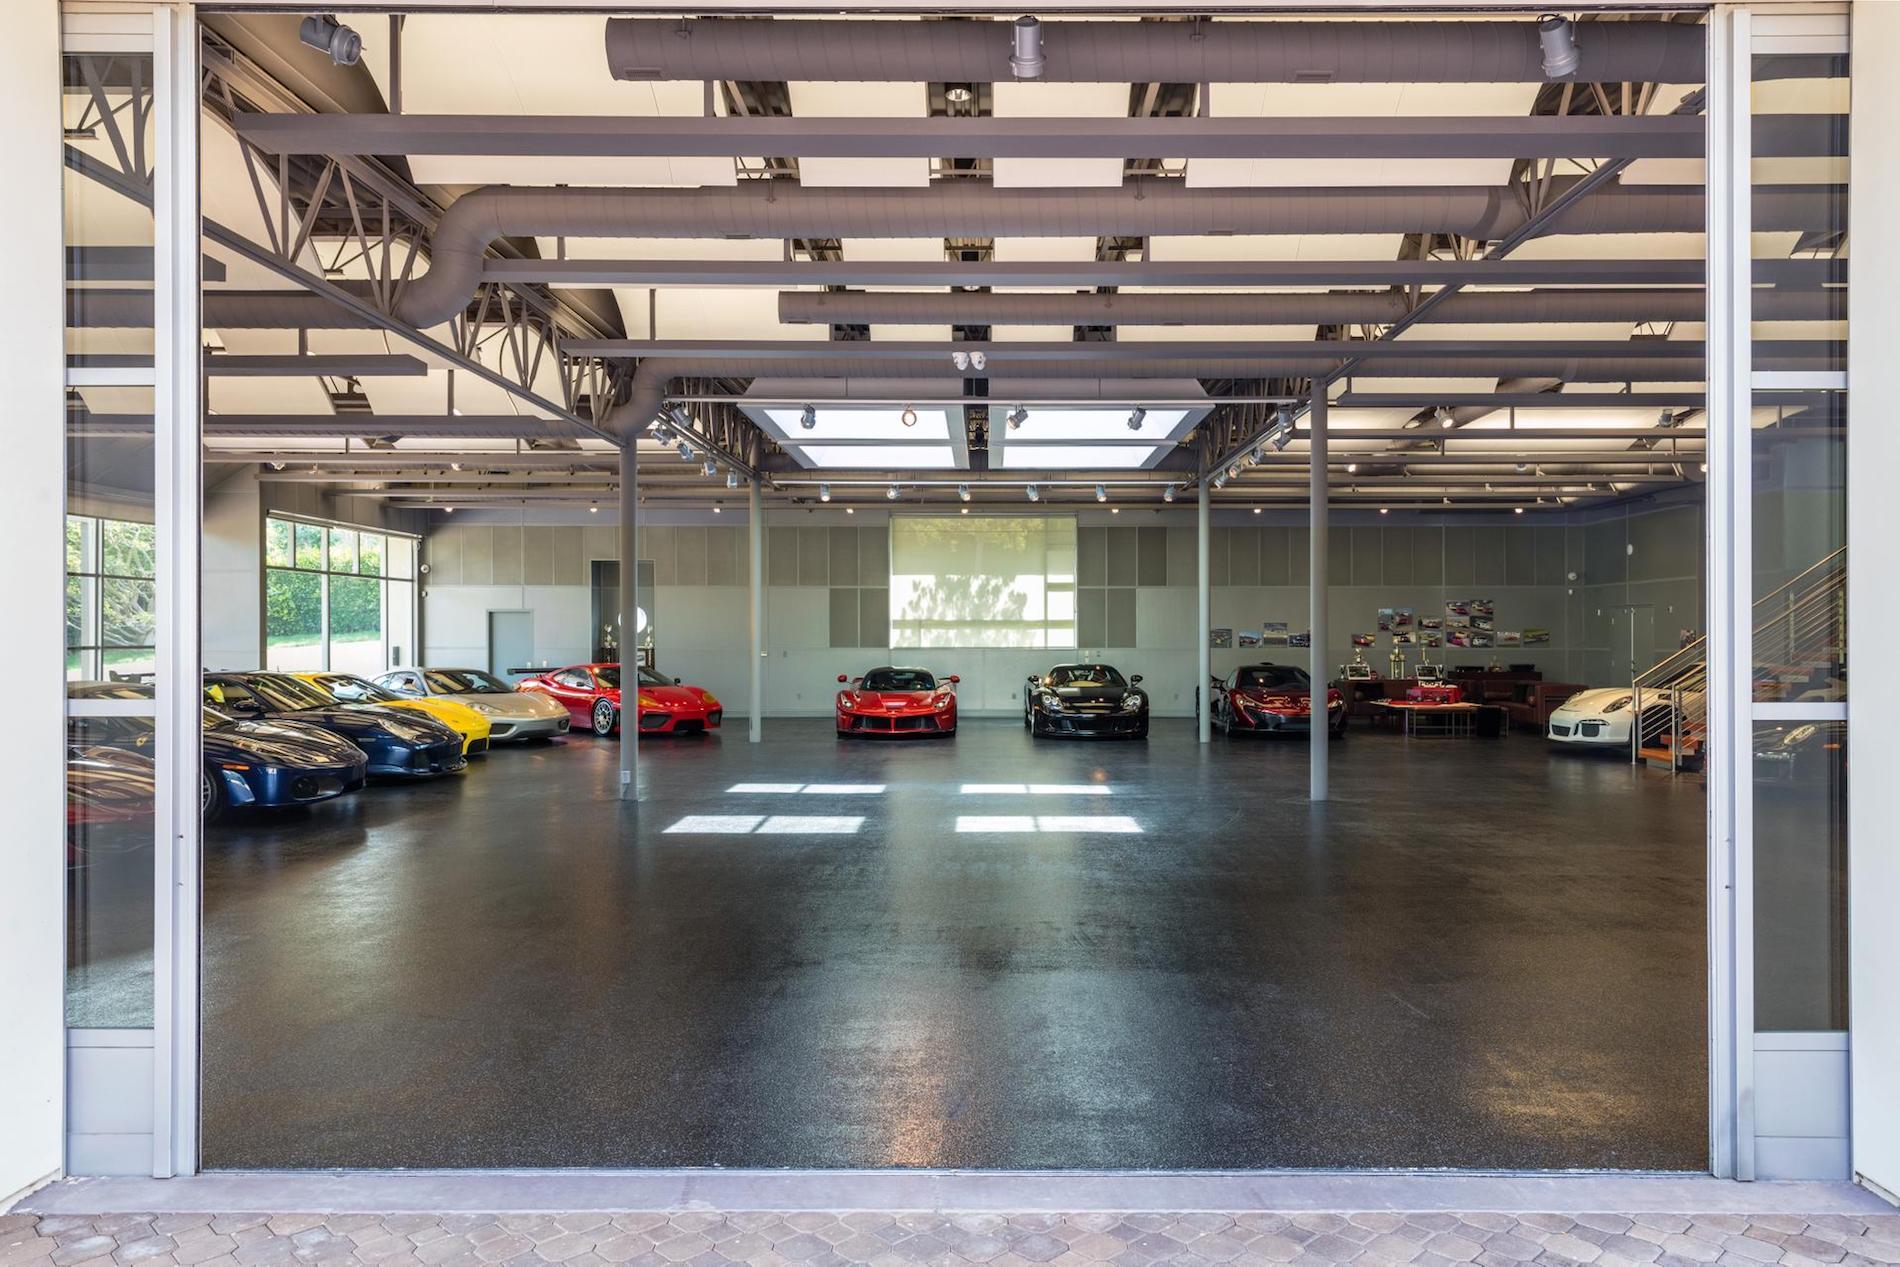 Eine Garage für $10 Millionen Dollar: Das private Automuseum in Malibu wird verkauft 9